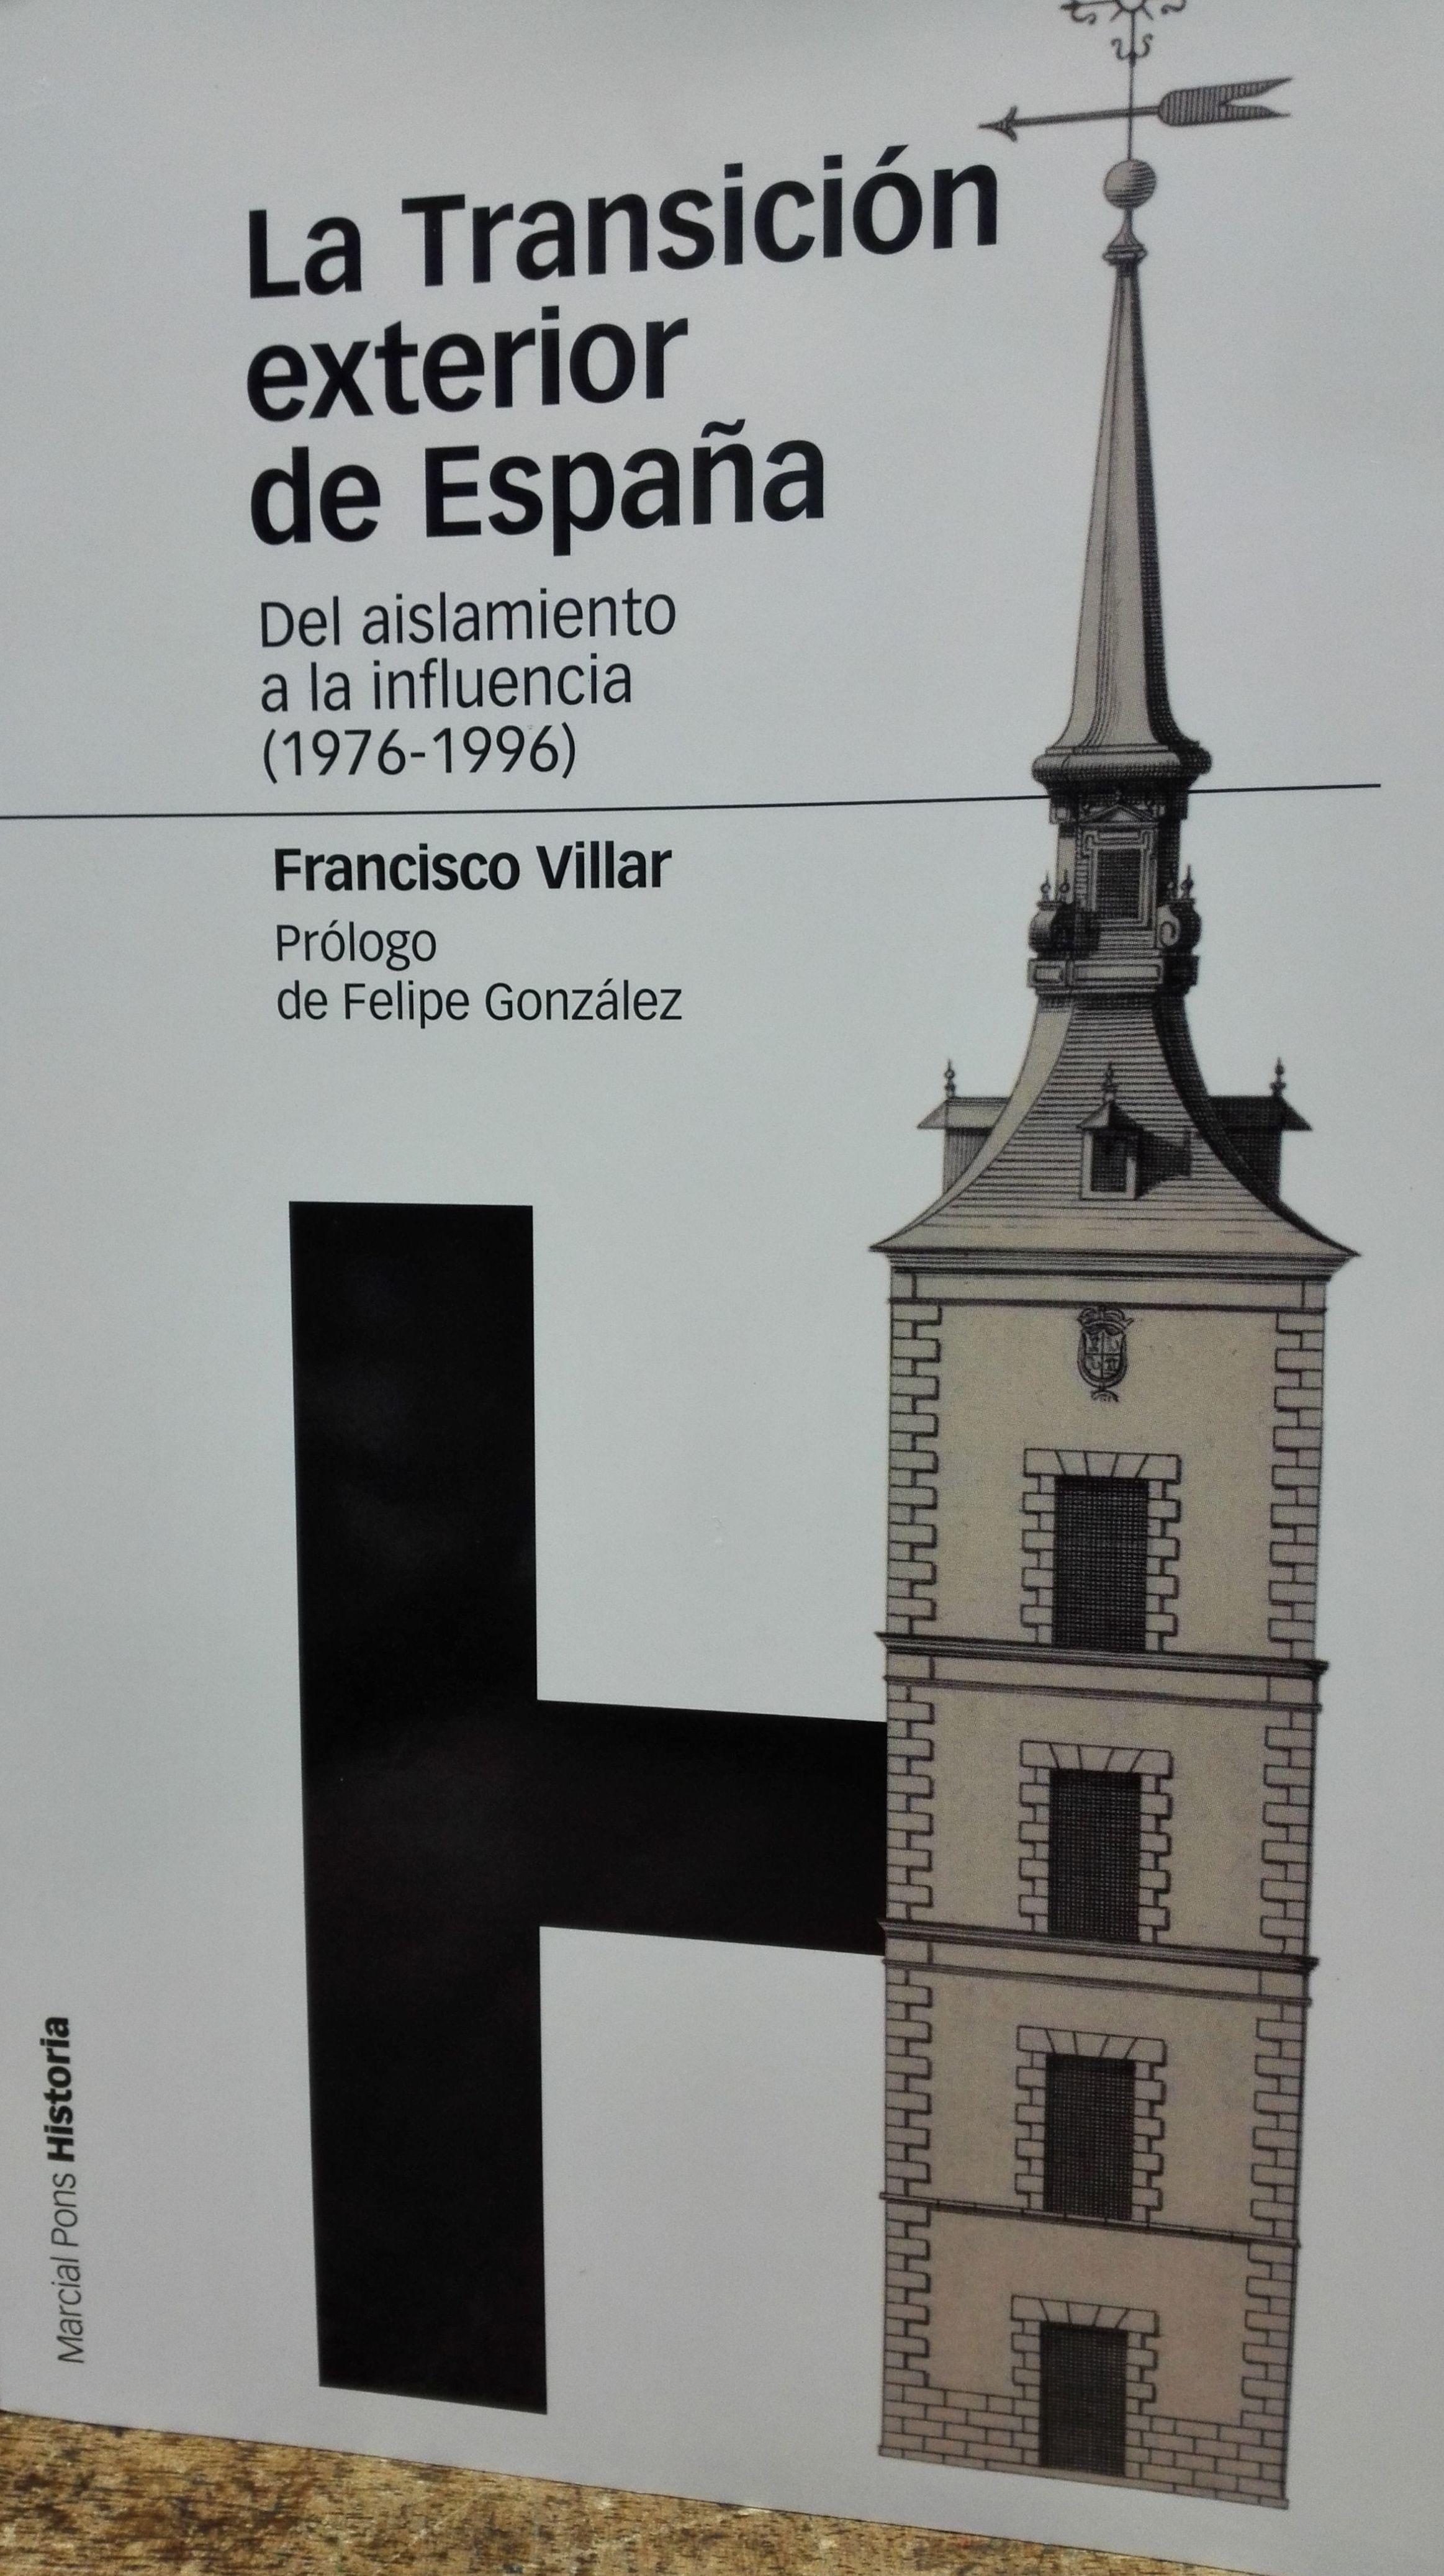 La transición exterior de España